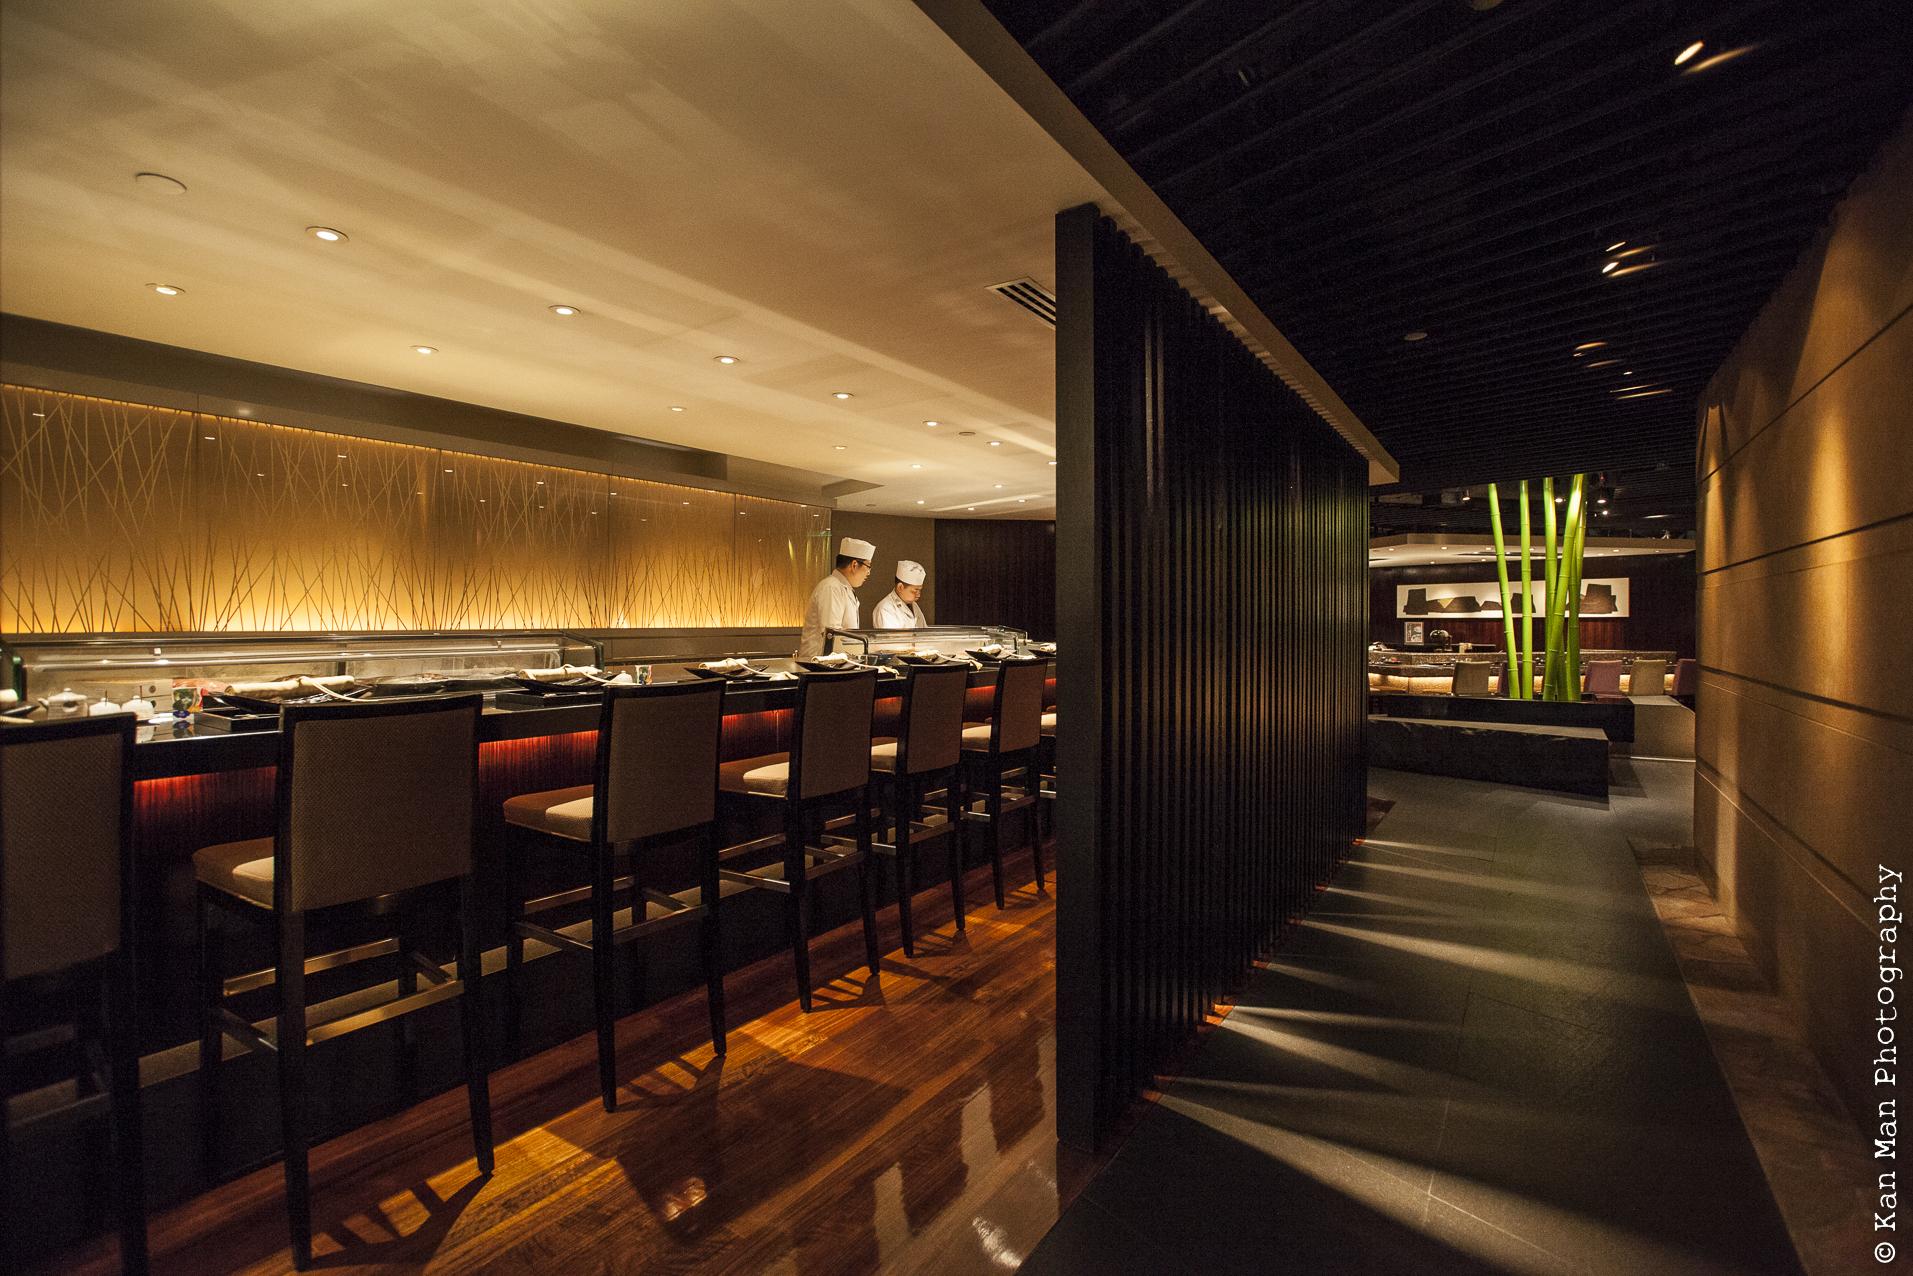 interior hotel_MG_0371.jpg